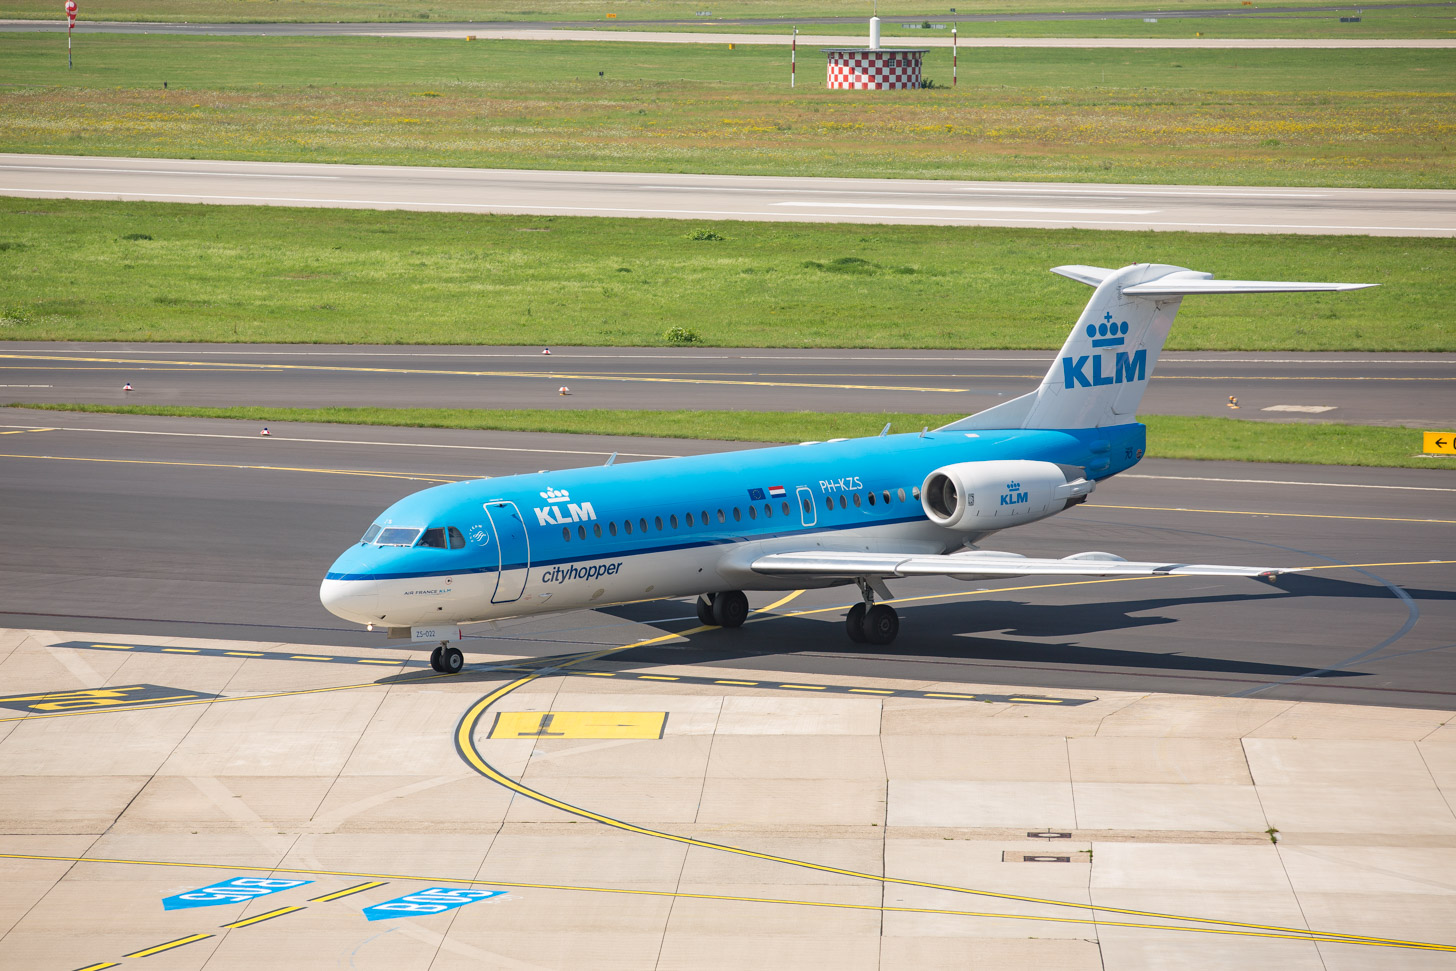 Vliegen naar Düsseldorf met KLM